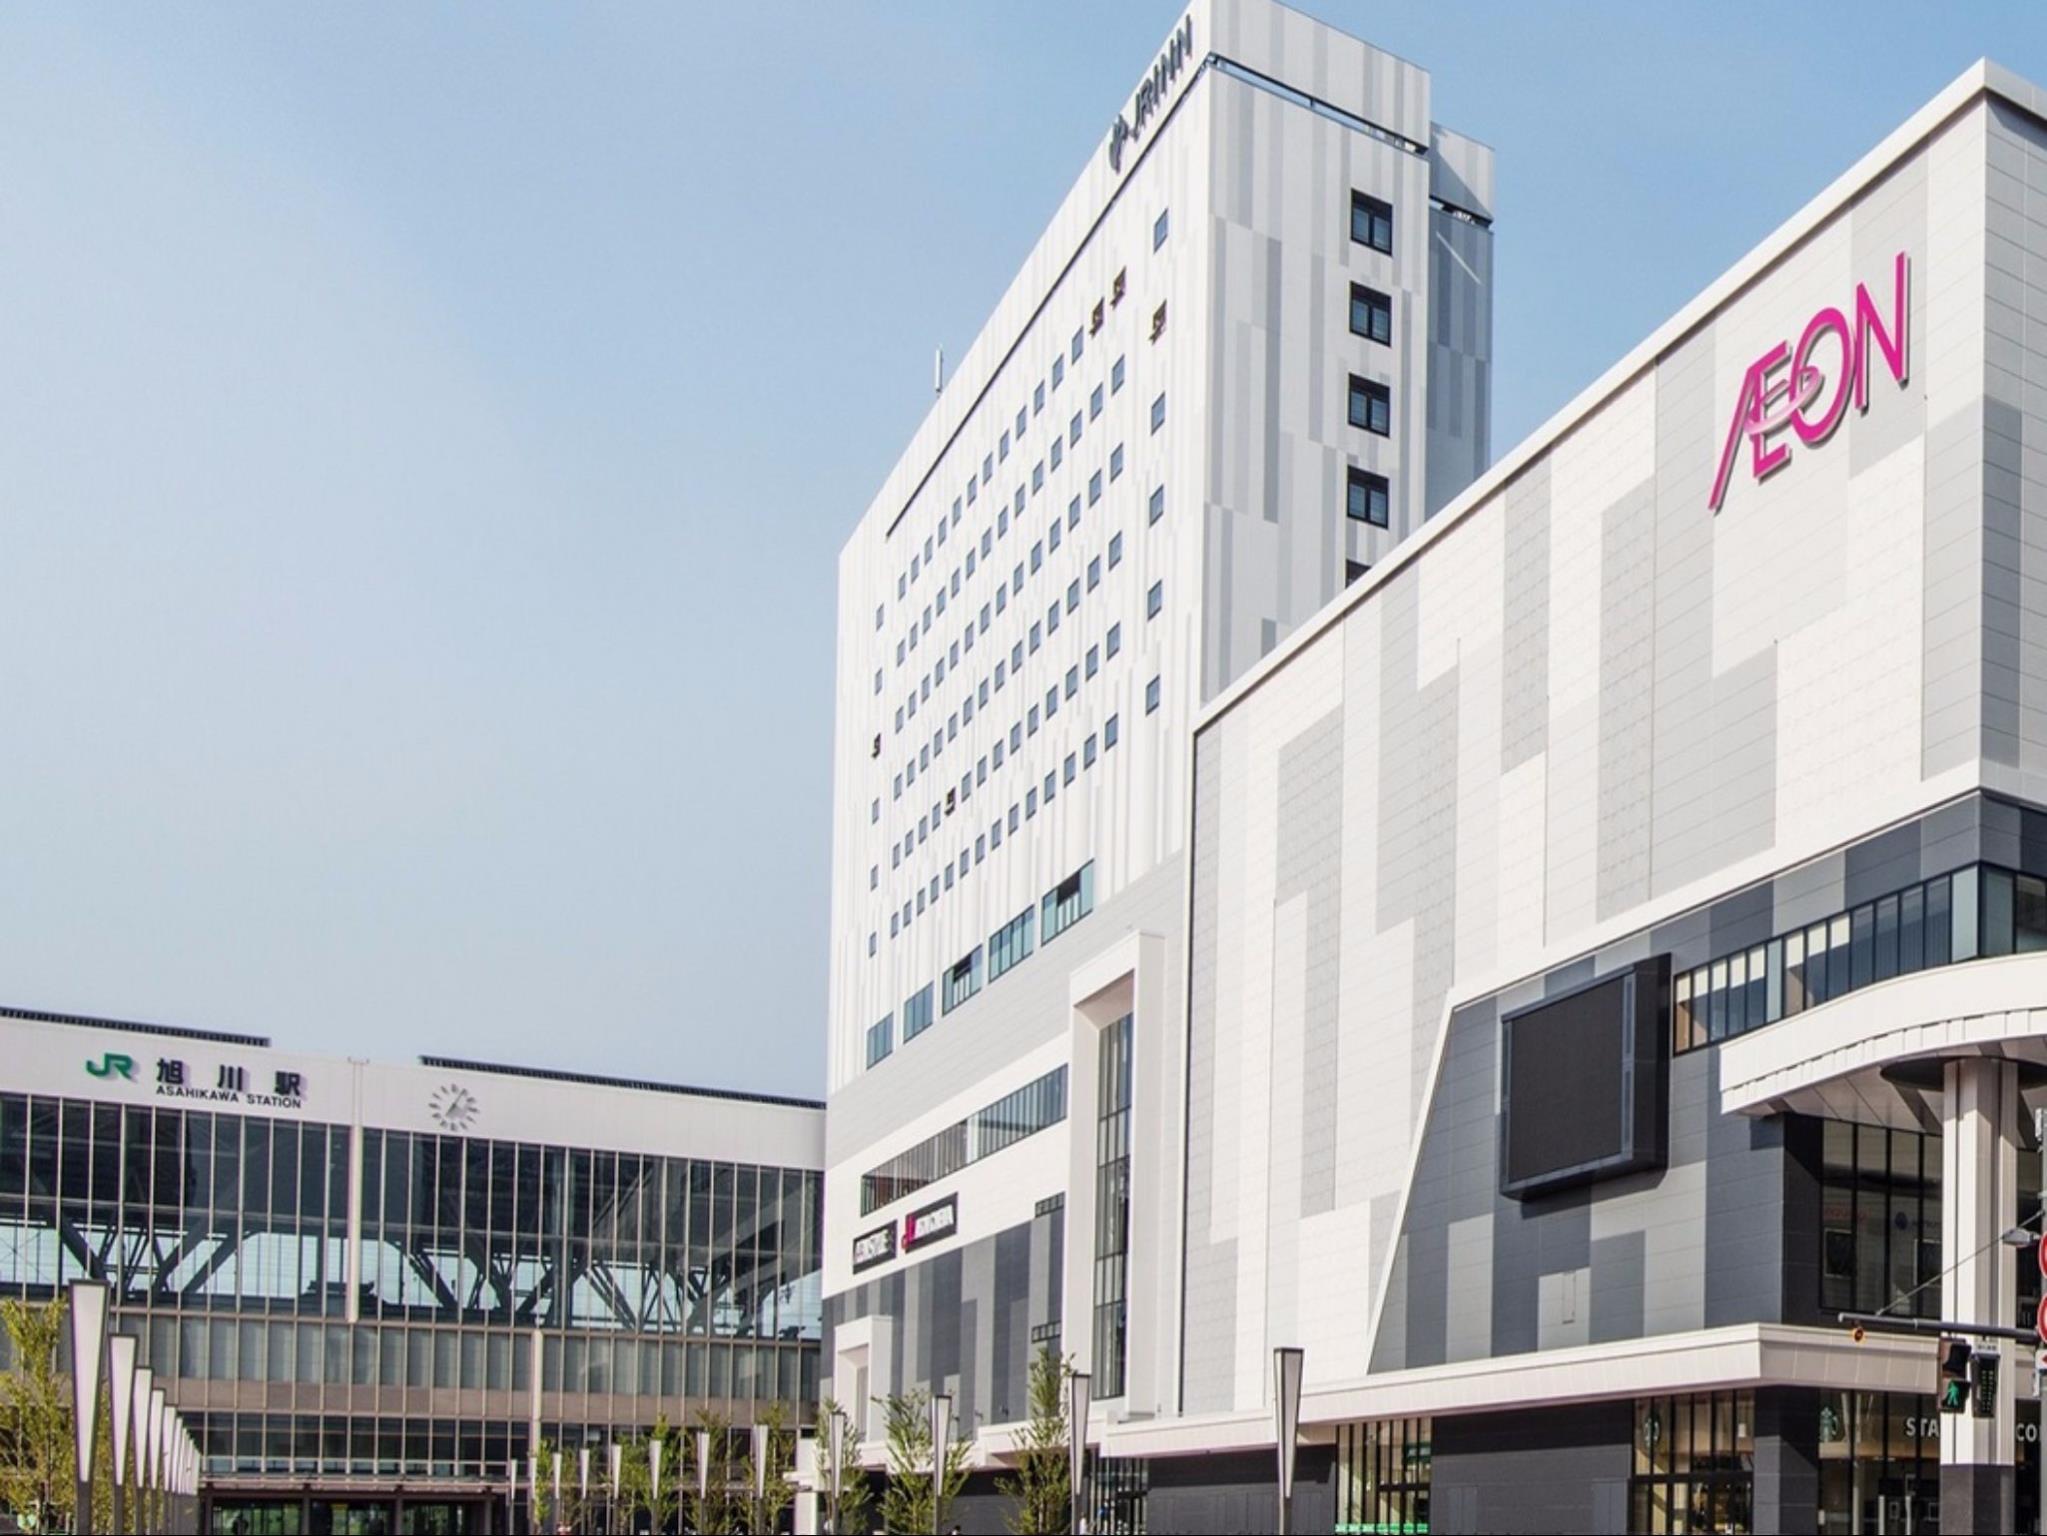 JR Inn Asahikawa, Asahikawa